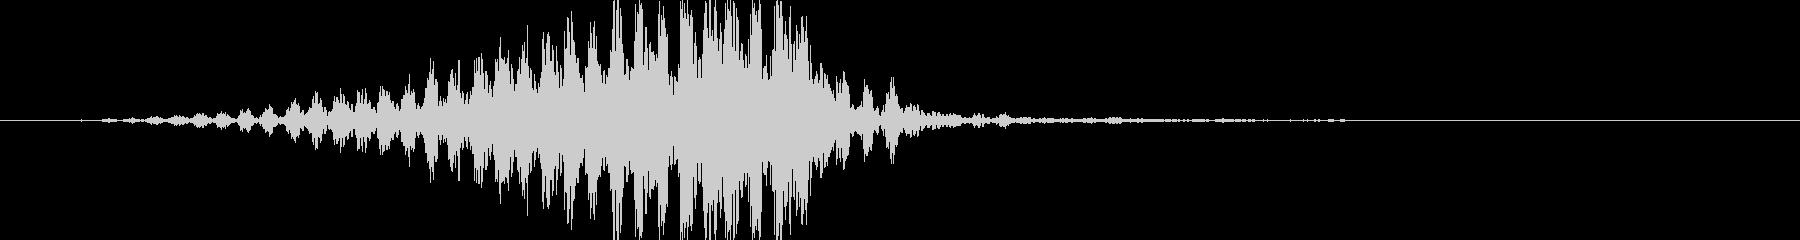 トランジション ヒューシュフラッター23の未再生の波形